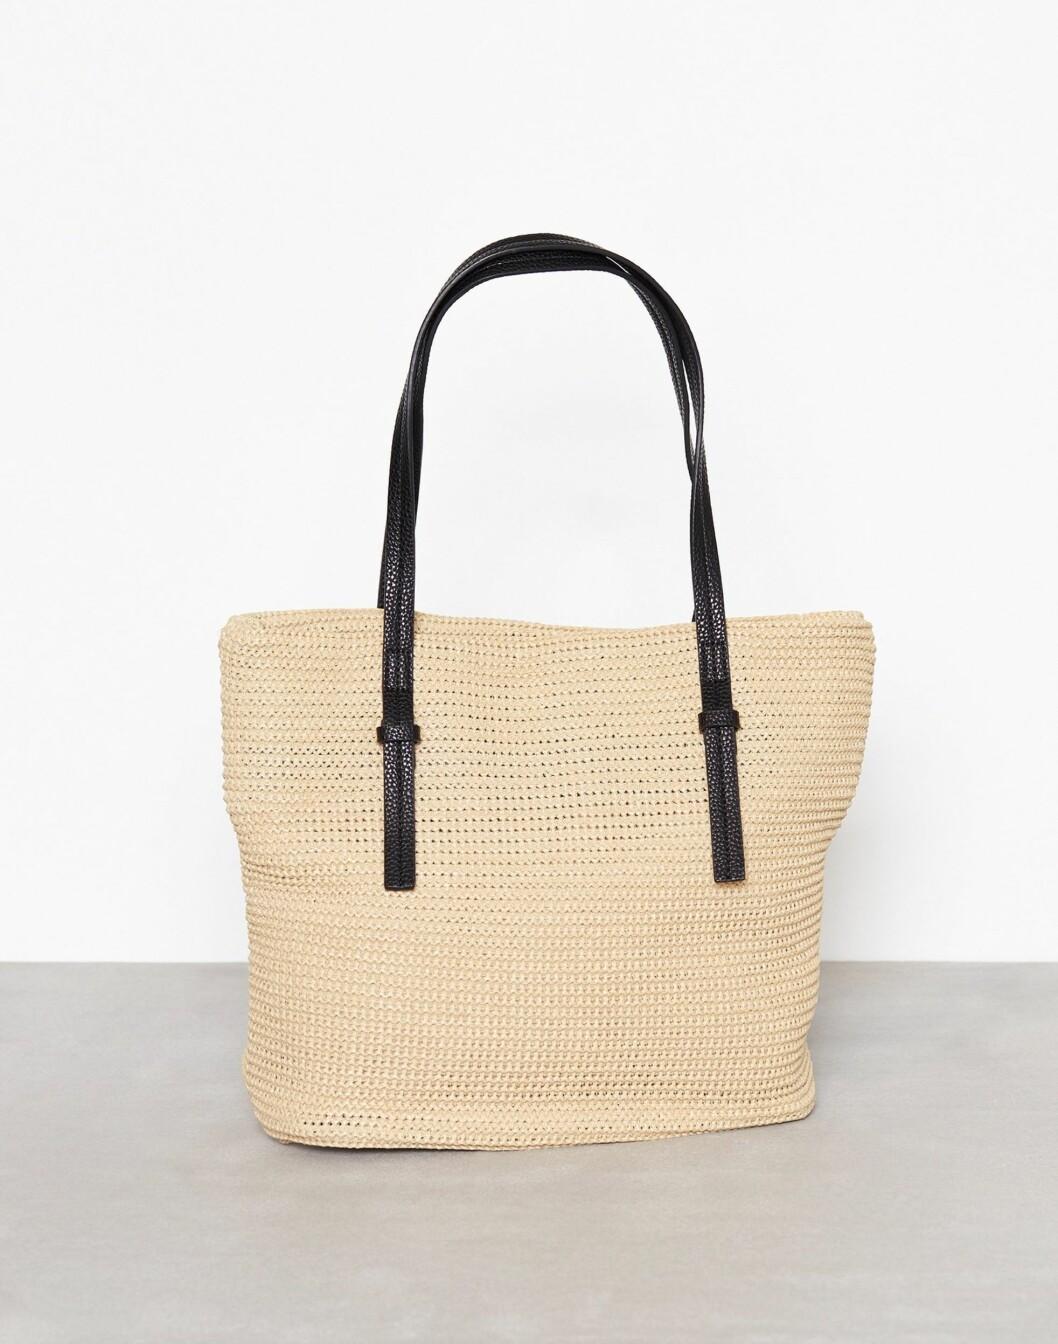 Fra Vero Moda via Nelly.com |299,-| https://nelly.com/no/kl%C3%A6r-til-kvinner/tilbeh%C3%B8r/vesker/vero-moda-631/vmtassie-straw-bag-69000-0119/